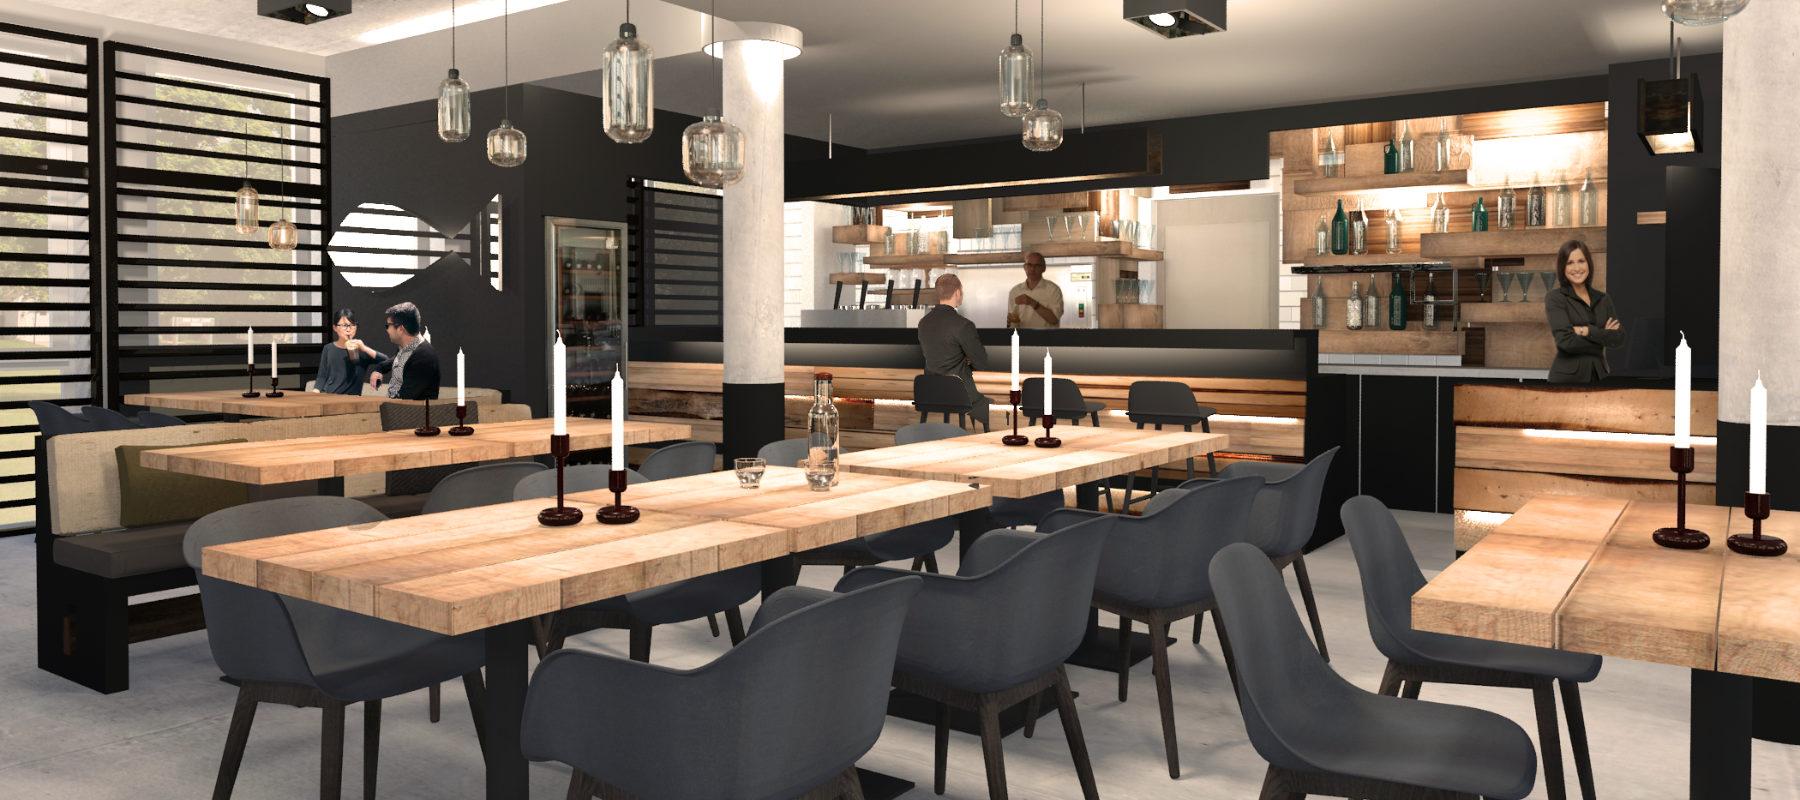 Gastronomie-Design Fischrestaurant